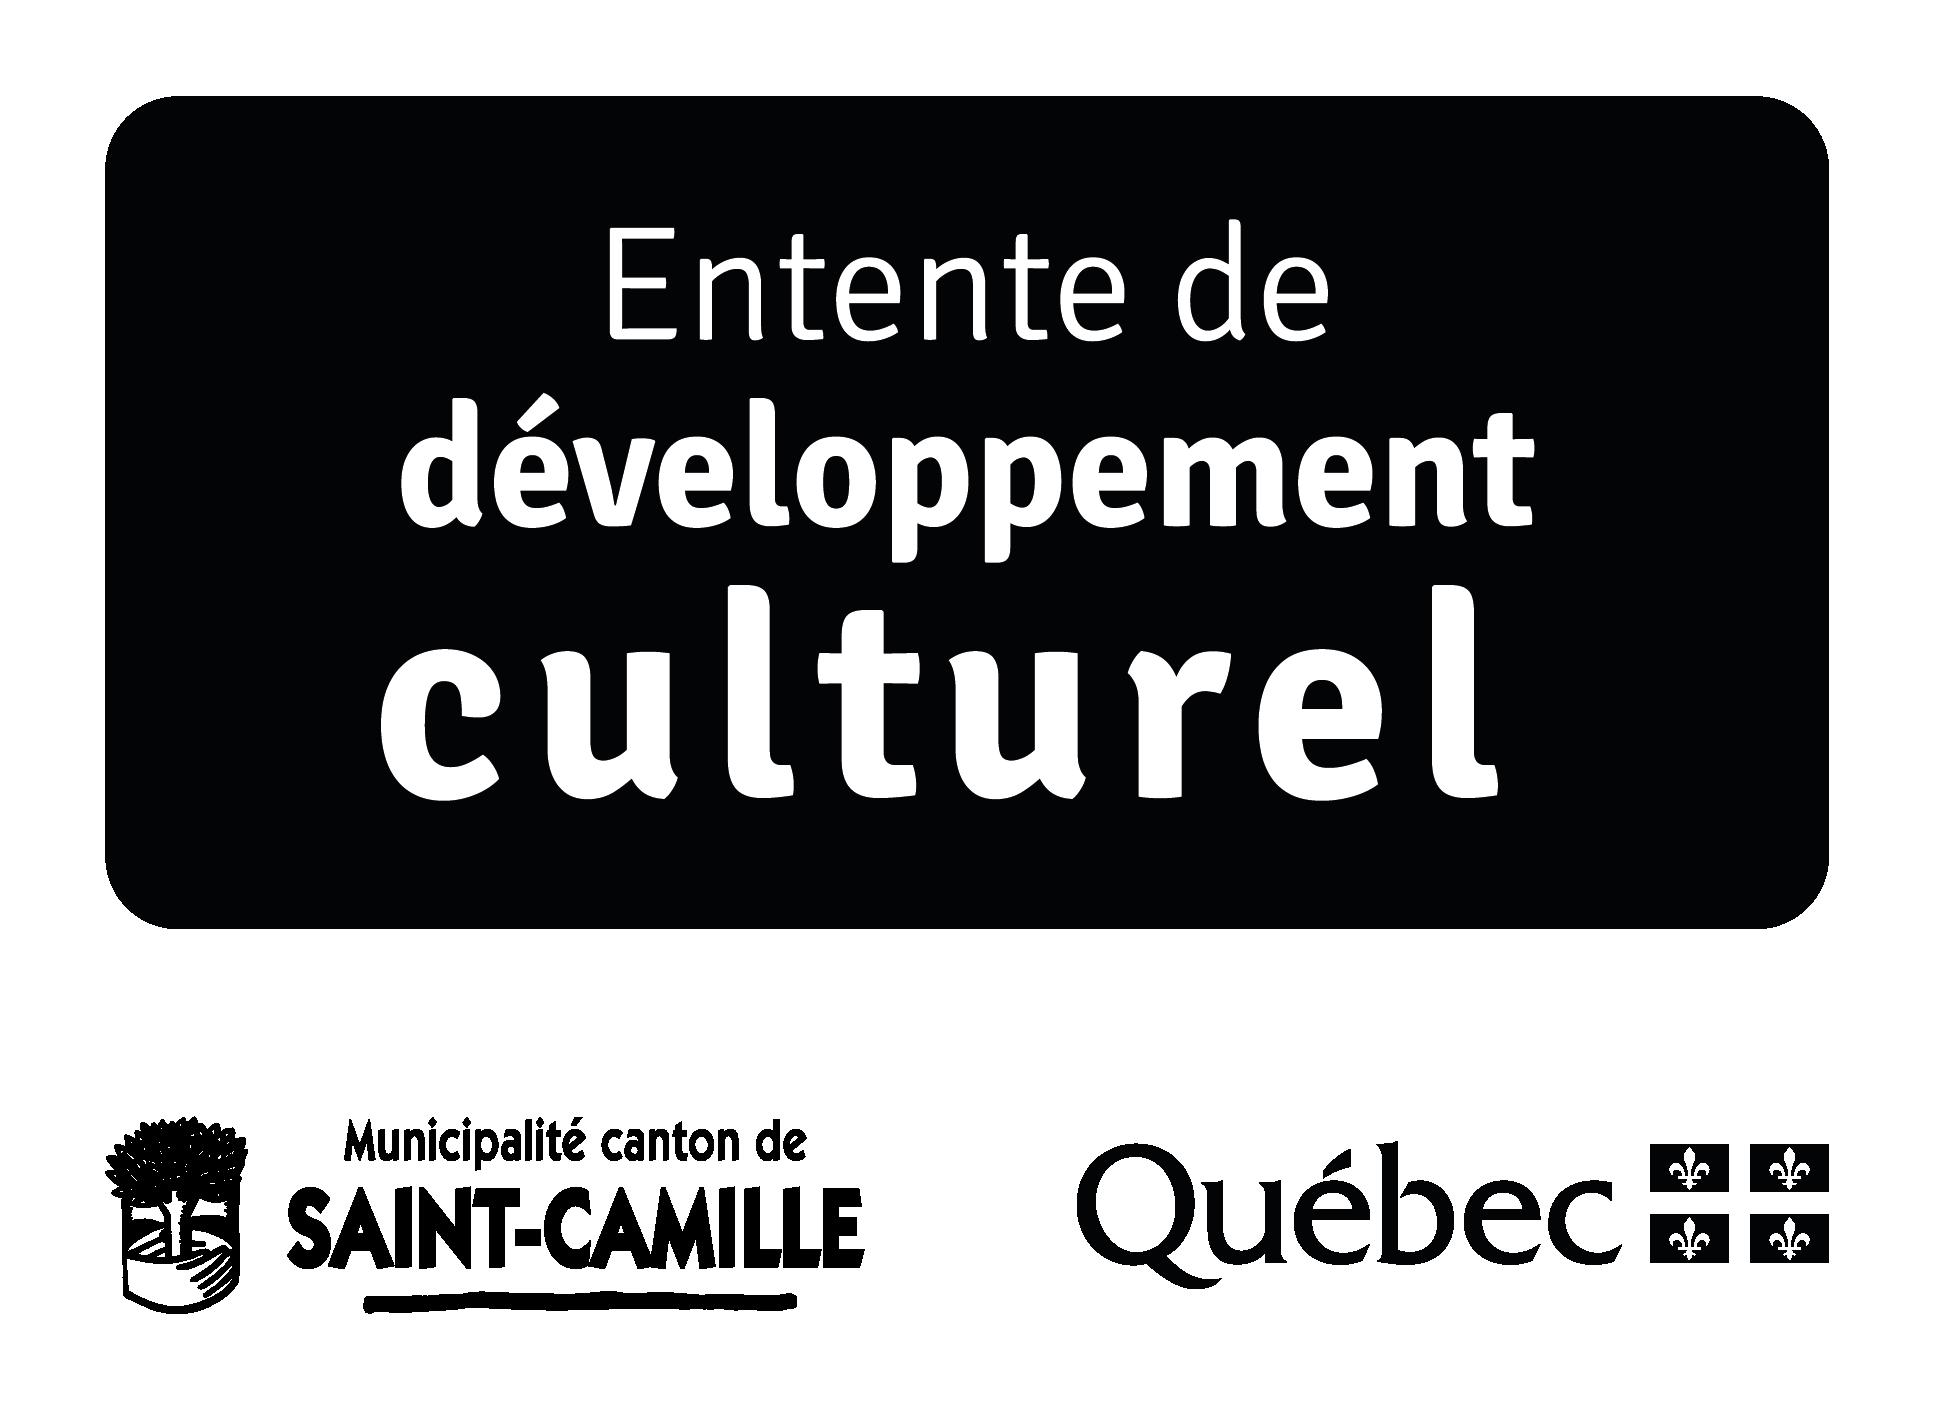 Entente culturelle